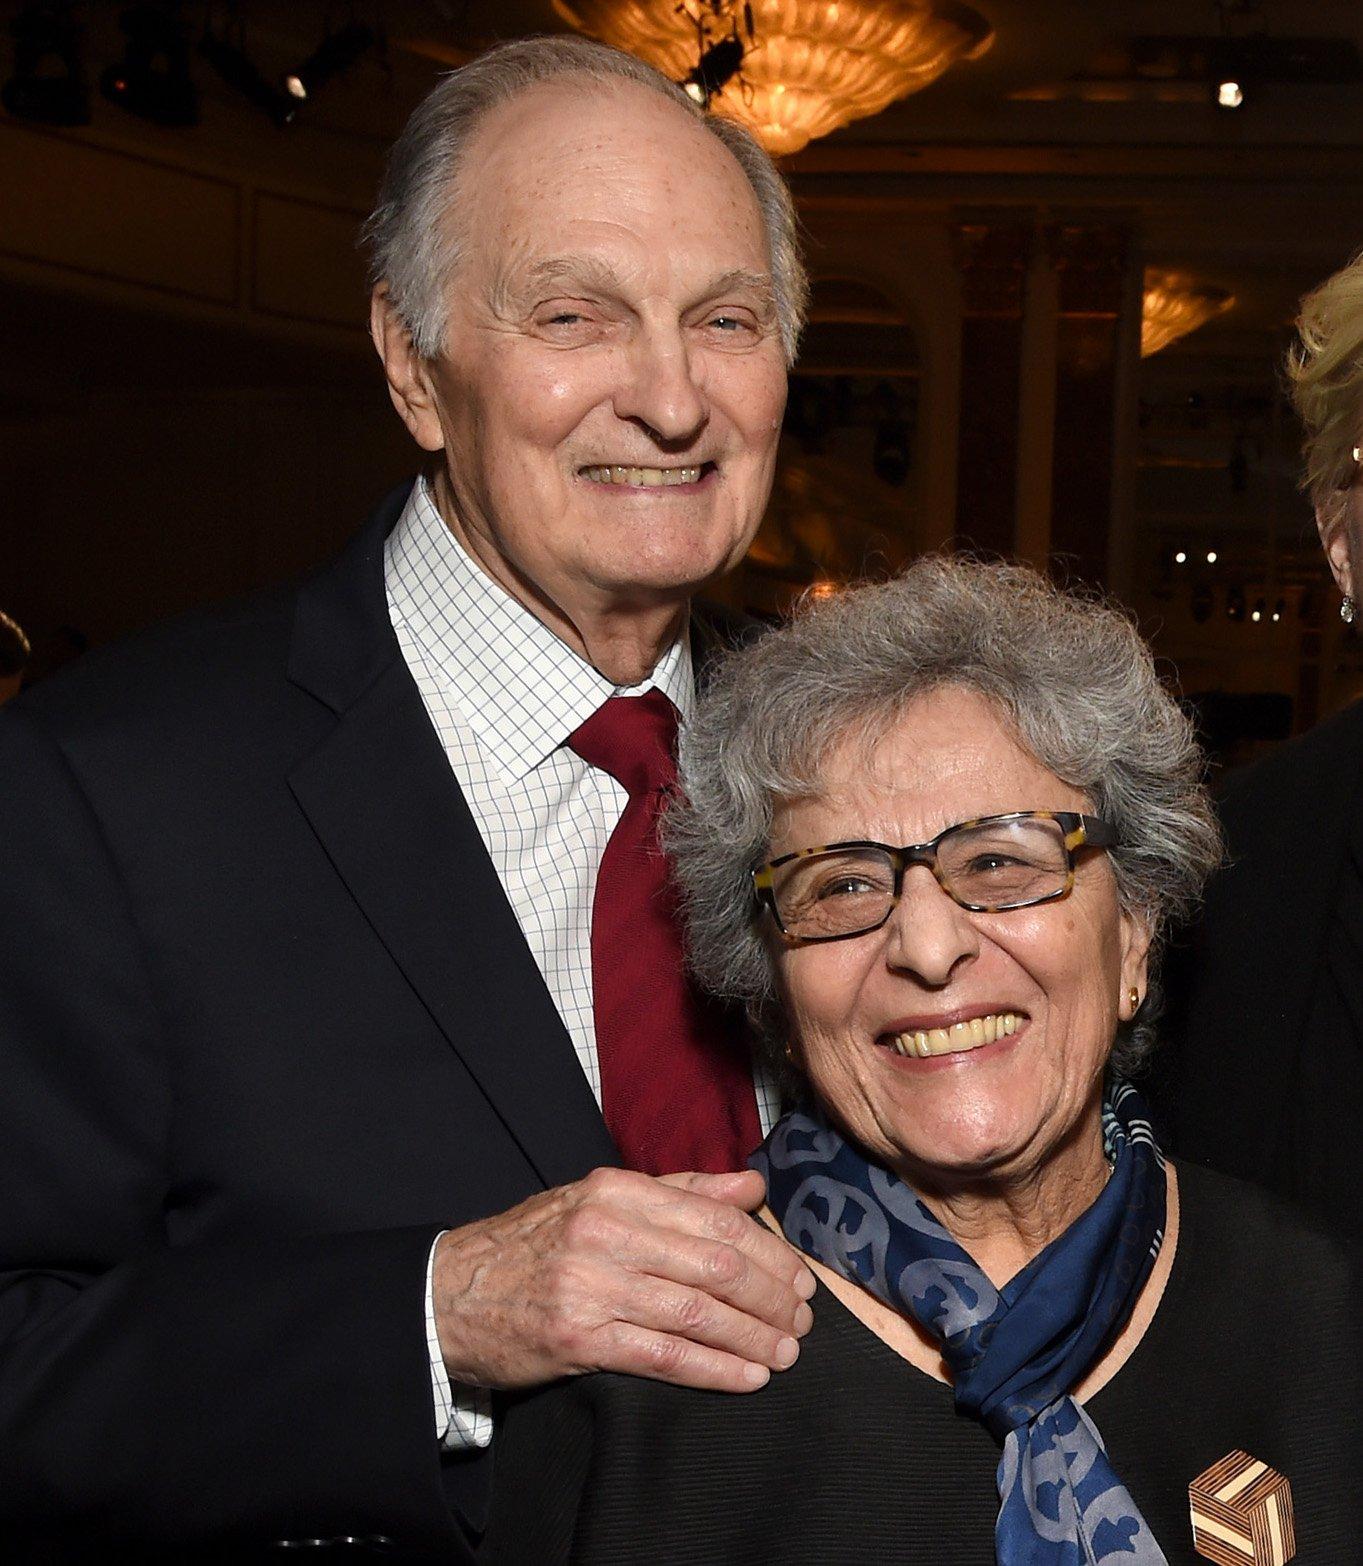 Actor Alan Alda y su esposa Arlene. Beverly Hills, California, enero, 2020.